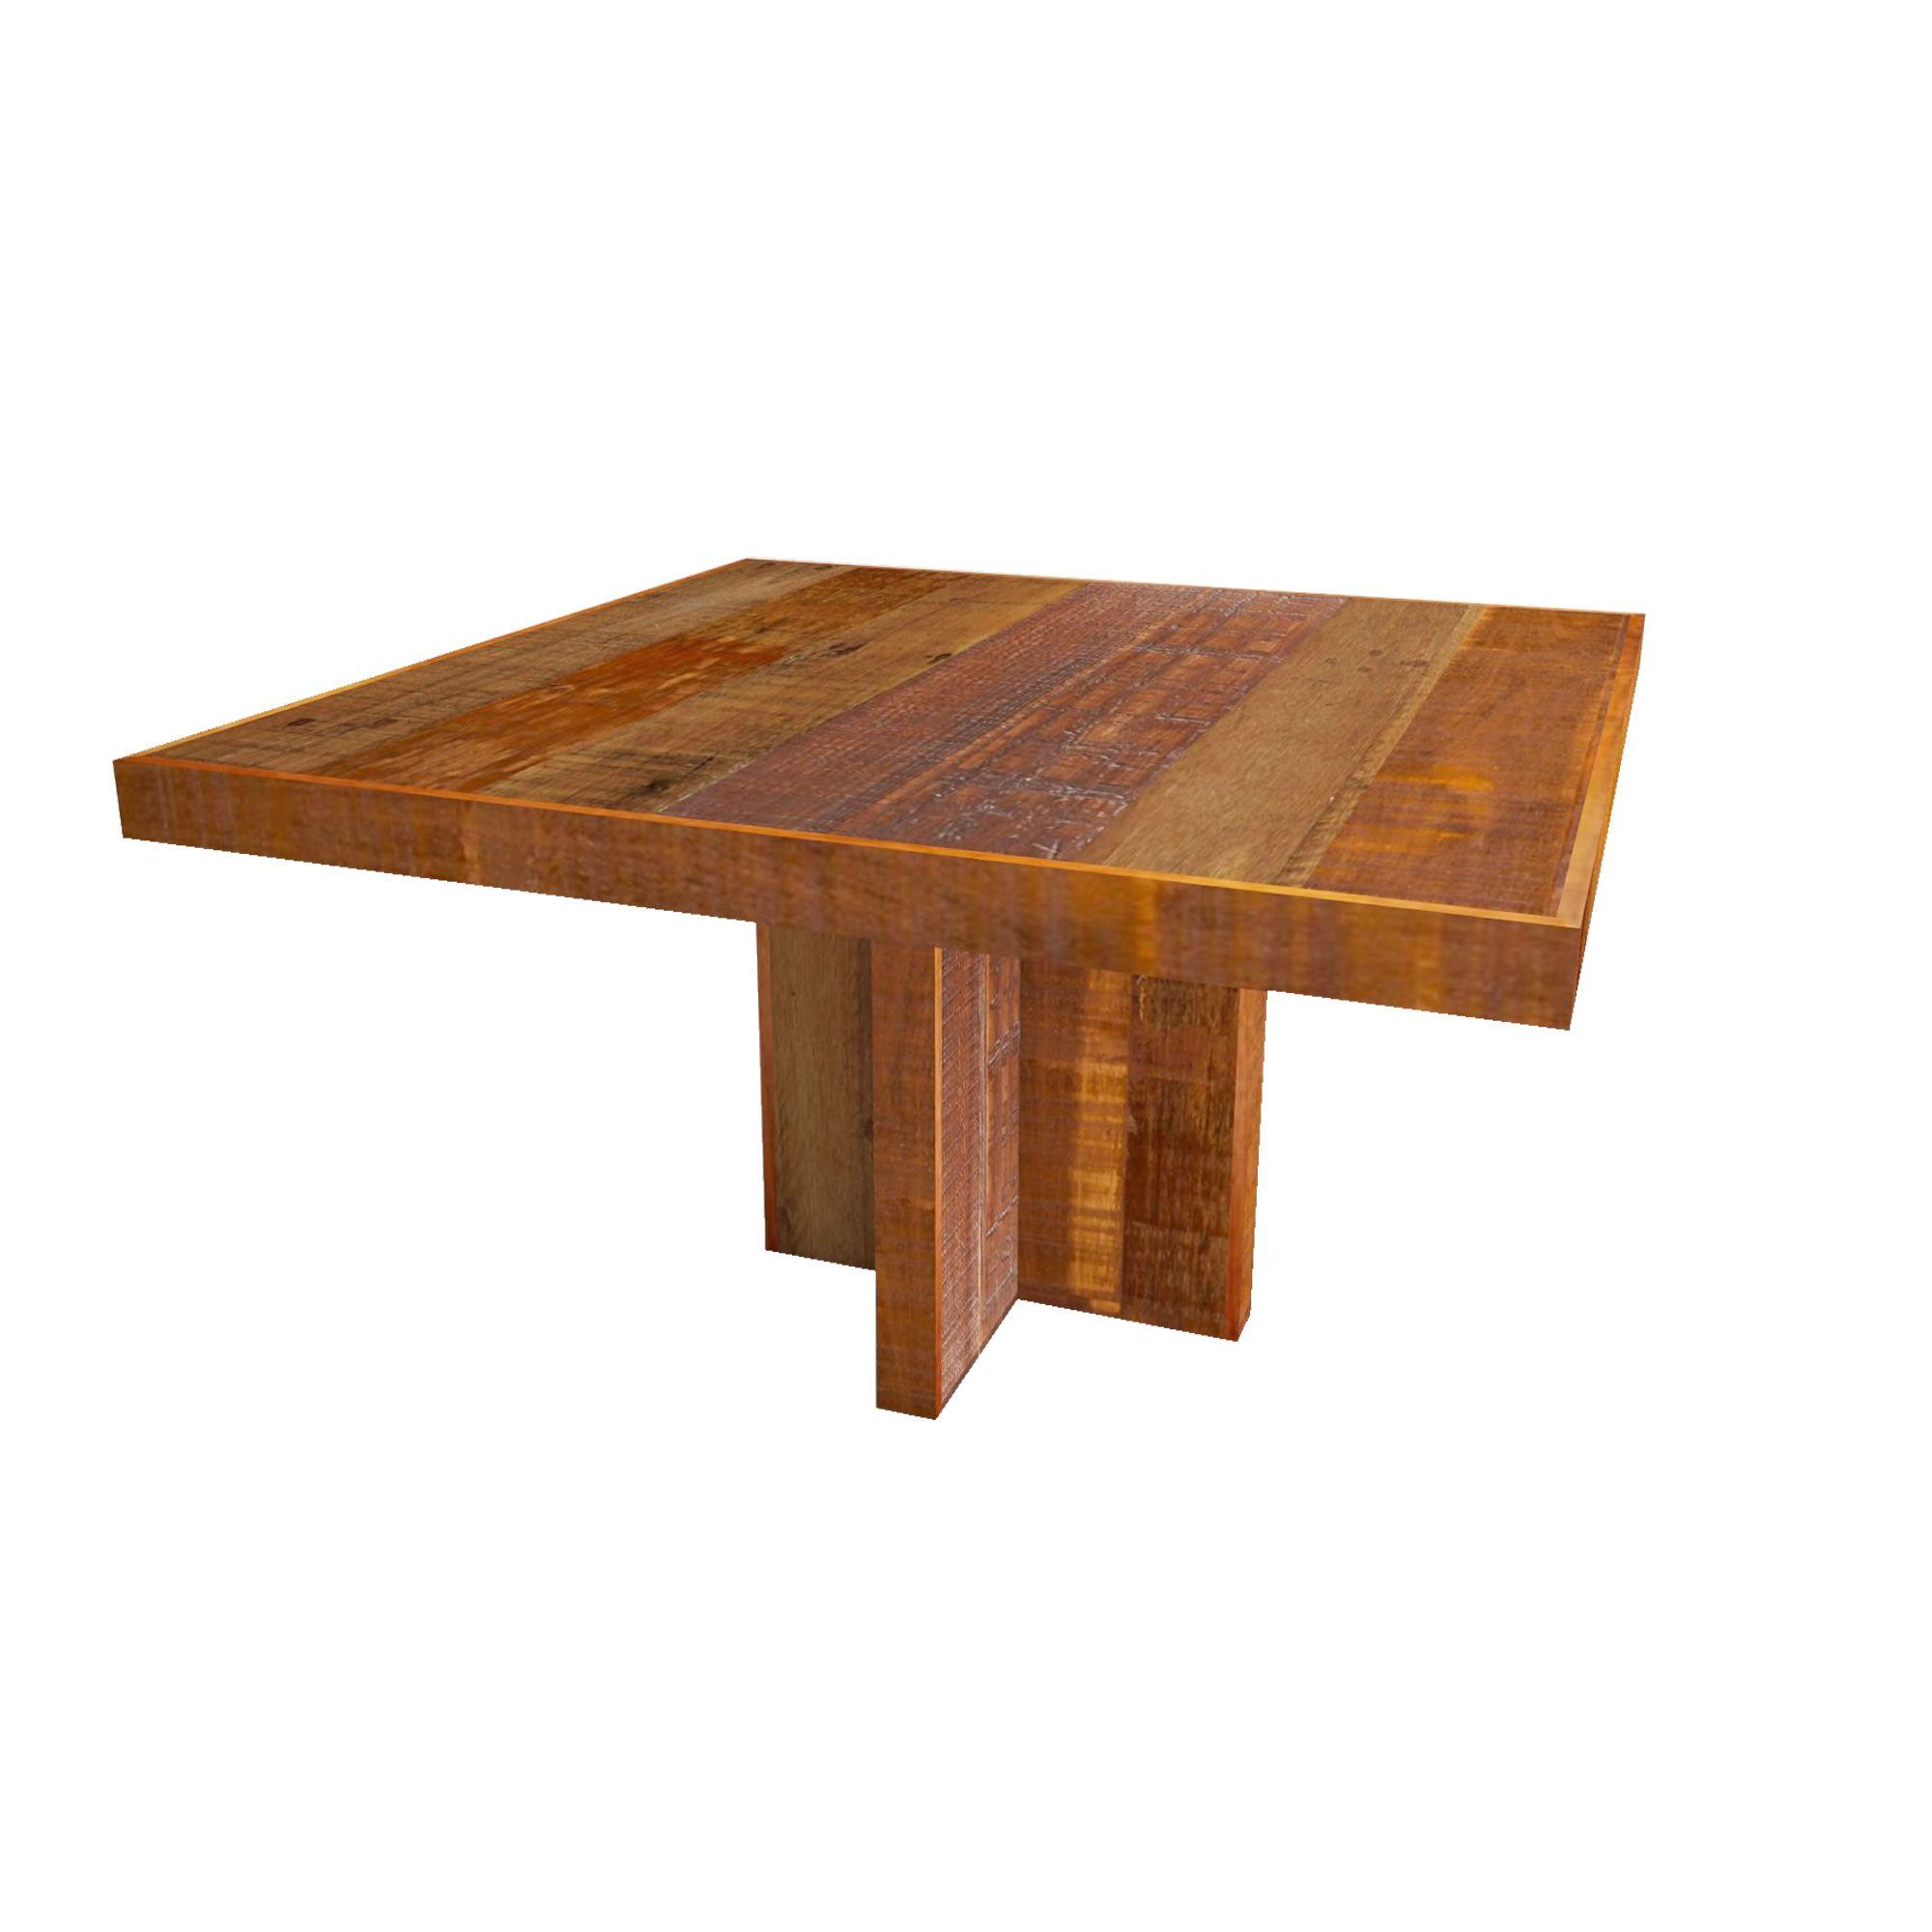 Mesa quadrada em madeira Mista de demolição pés cruzetas Medindo 1,60x1,60x78